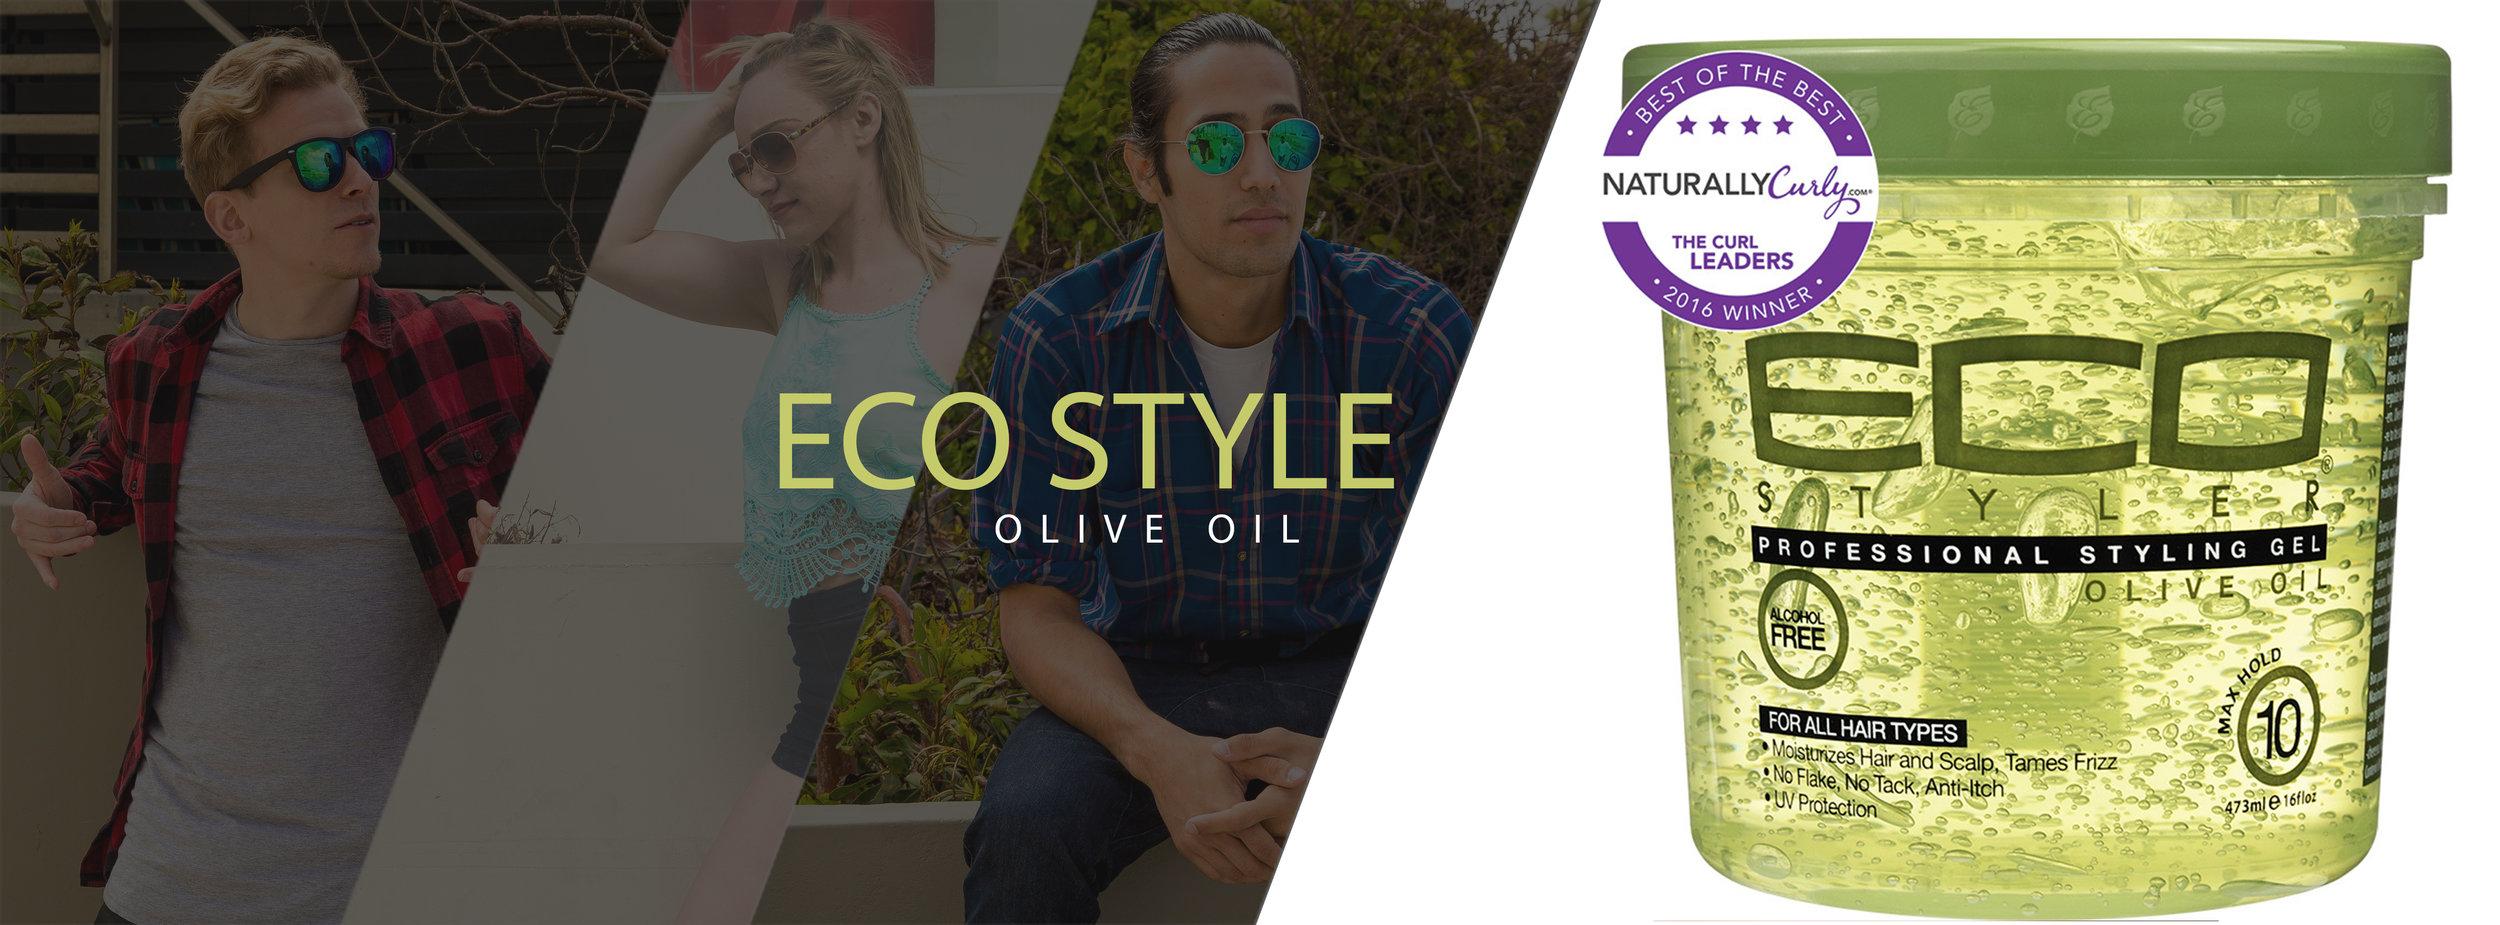 Eco Style.jpg